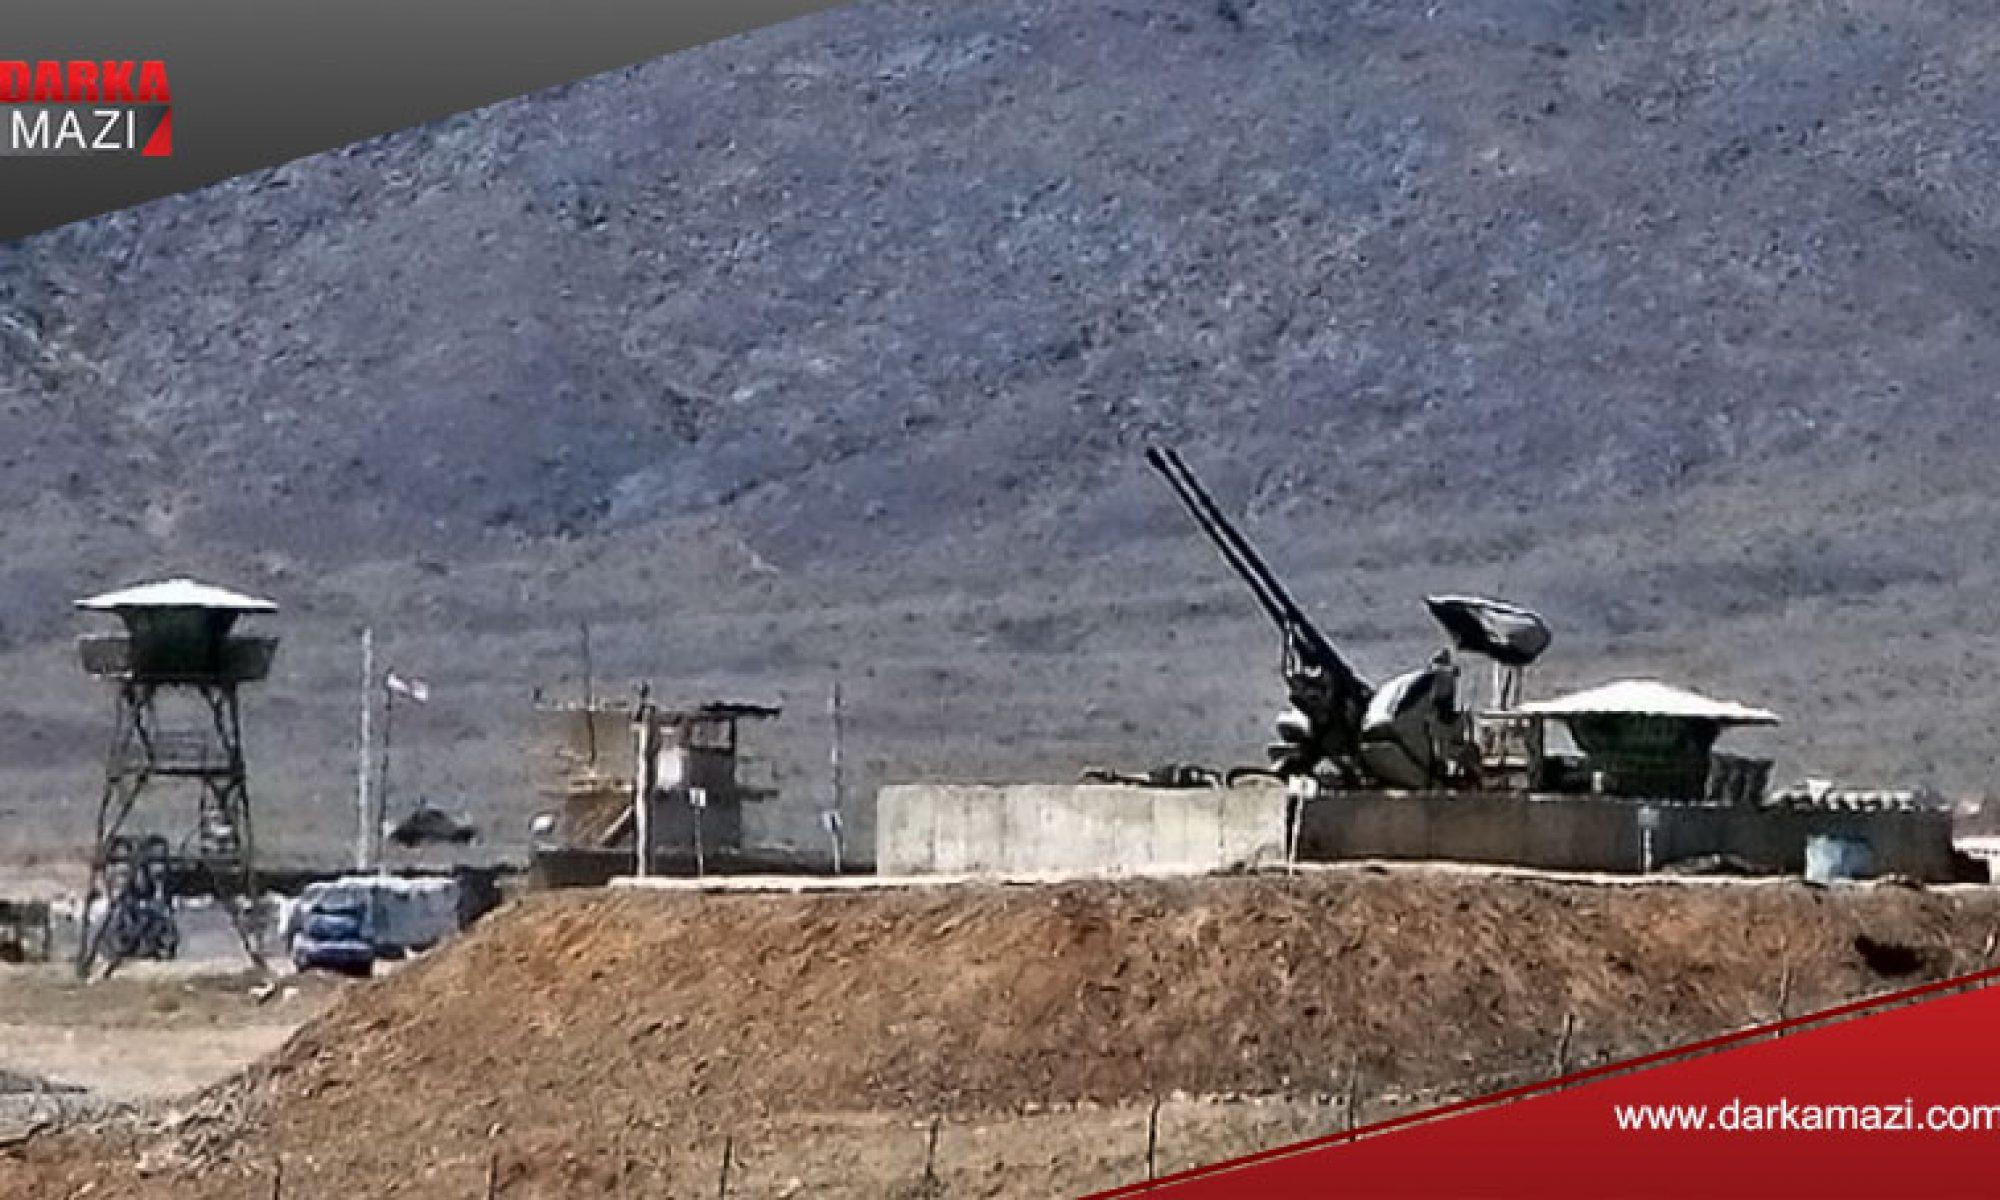 İran rejimi Natanz'a siber saldırıyı doğruladı: Karşılık verilecek